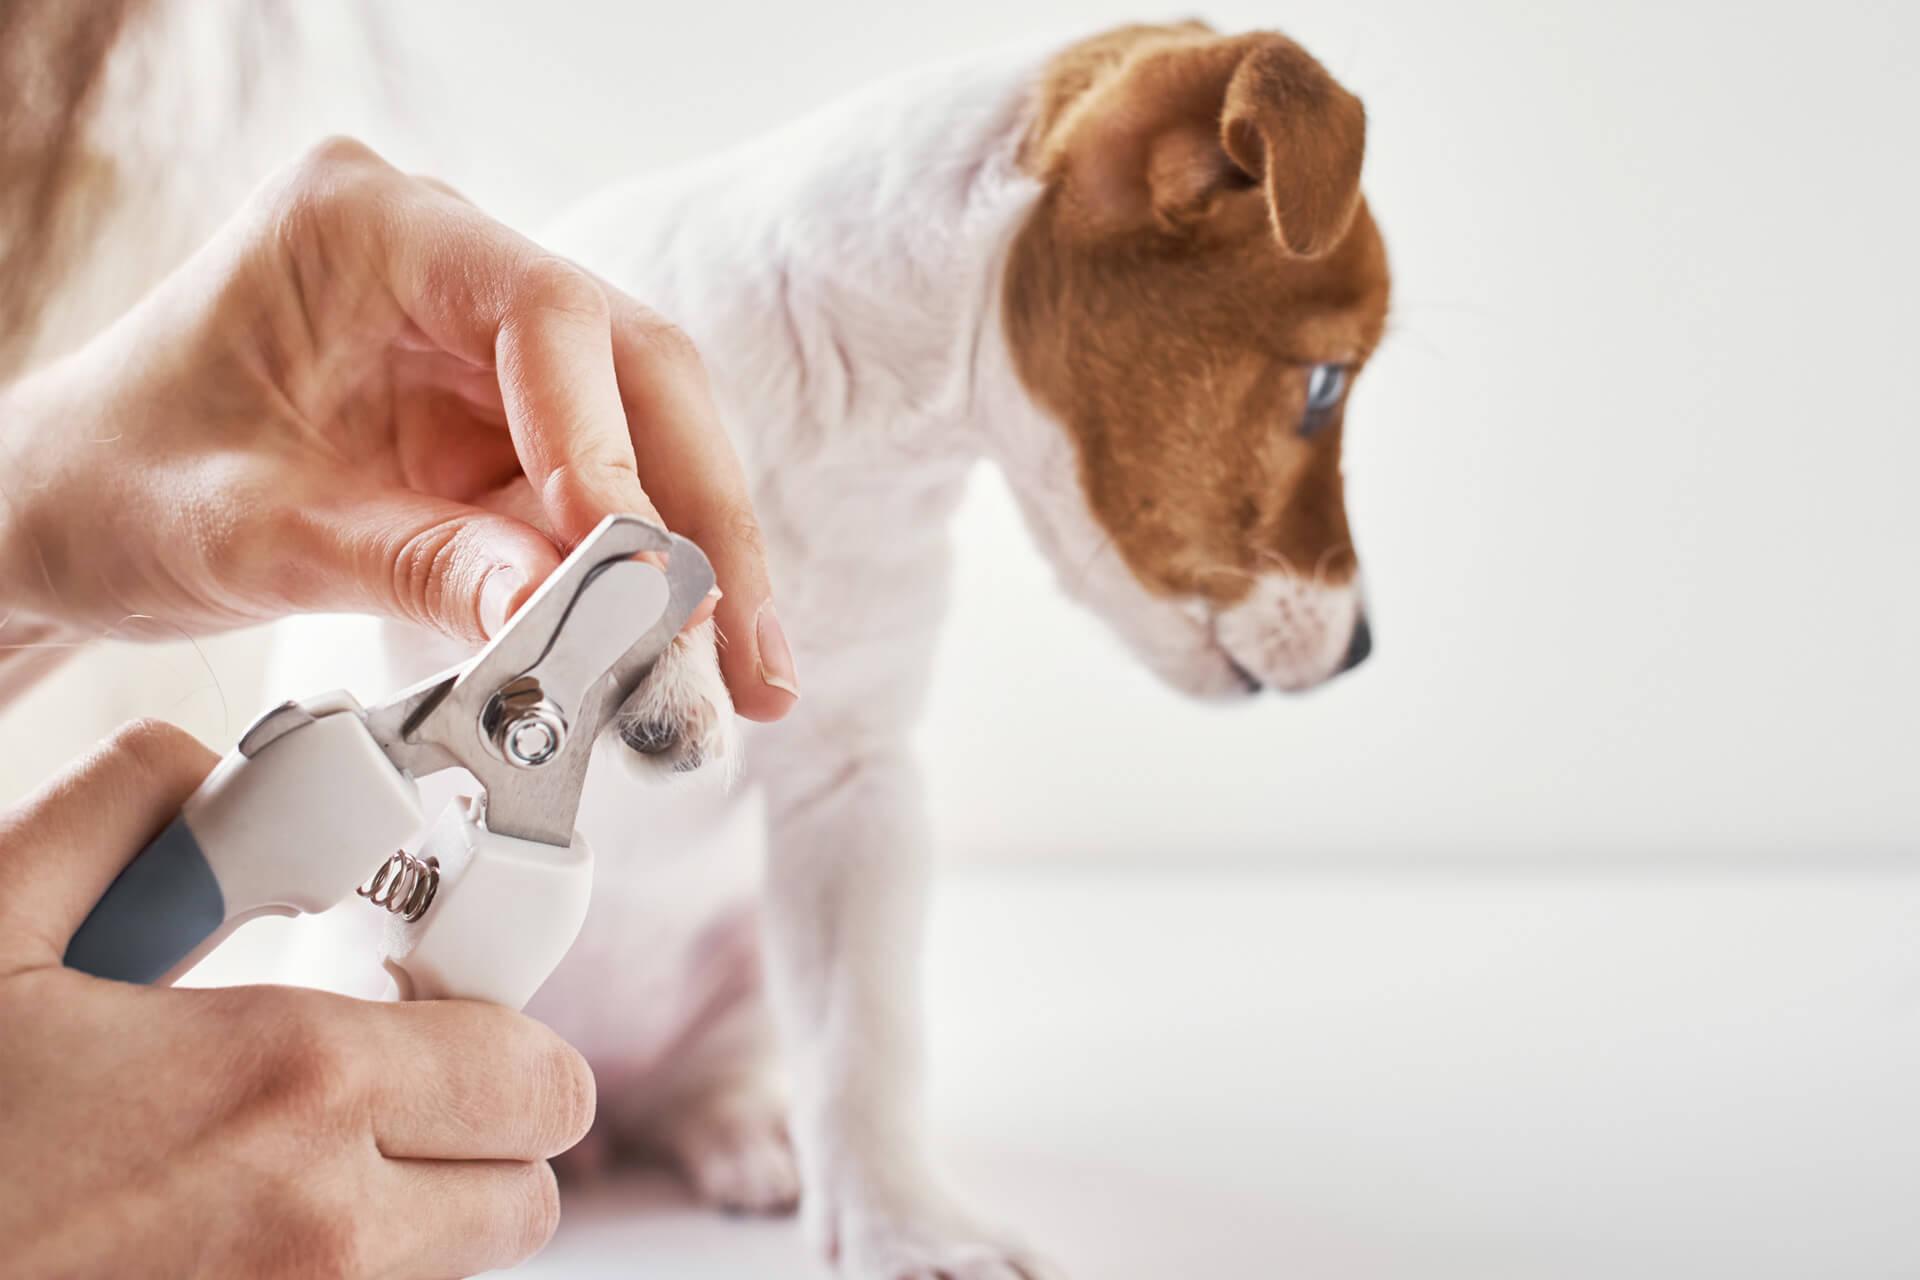 Krallen schneiden beim Hund: Richtige Krallenpflege in 4 Schritten